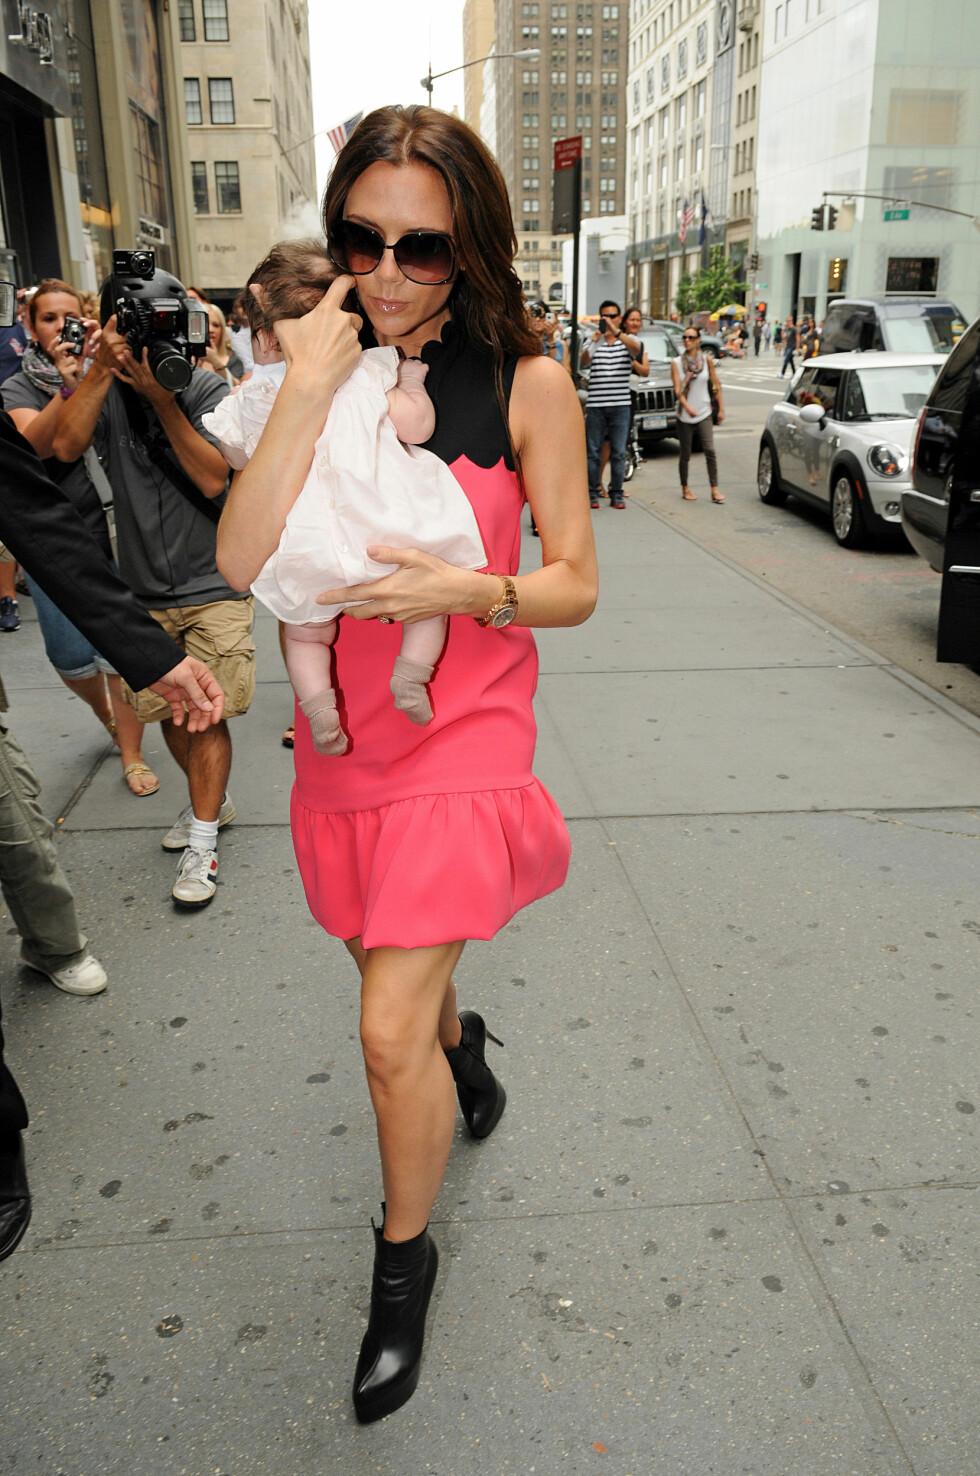 FIKK KRITIKK: Enkelte mente Victoria Beckham tok en unødvendig risiko, da hun var ute på vift med nesten nyfødte Harper - og skyhøye hæler - i New York i september 2011.  Foto: Buzzfoto.com